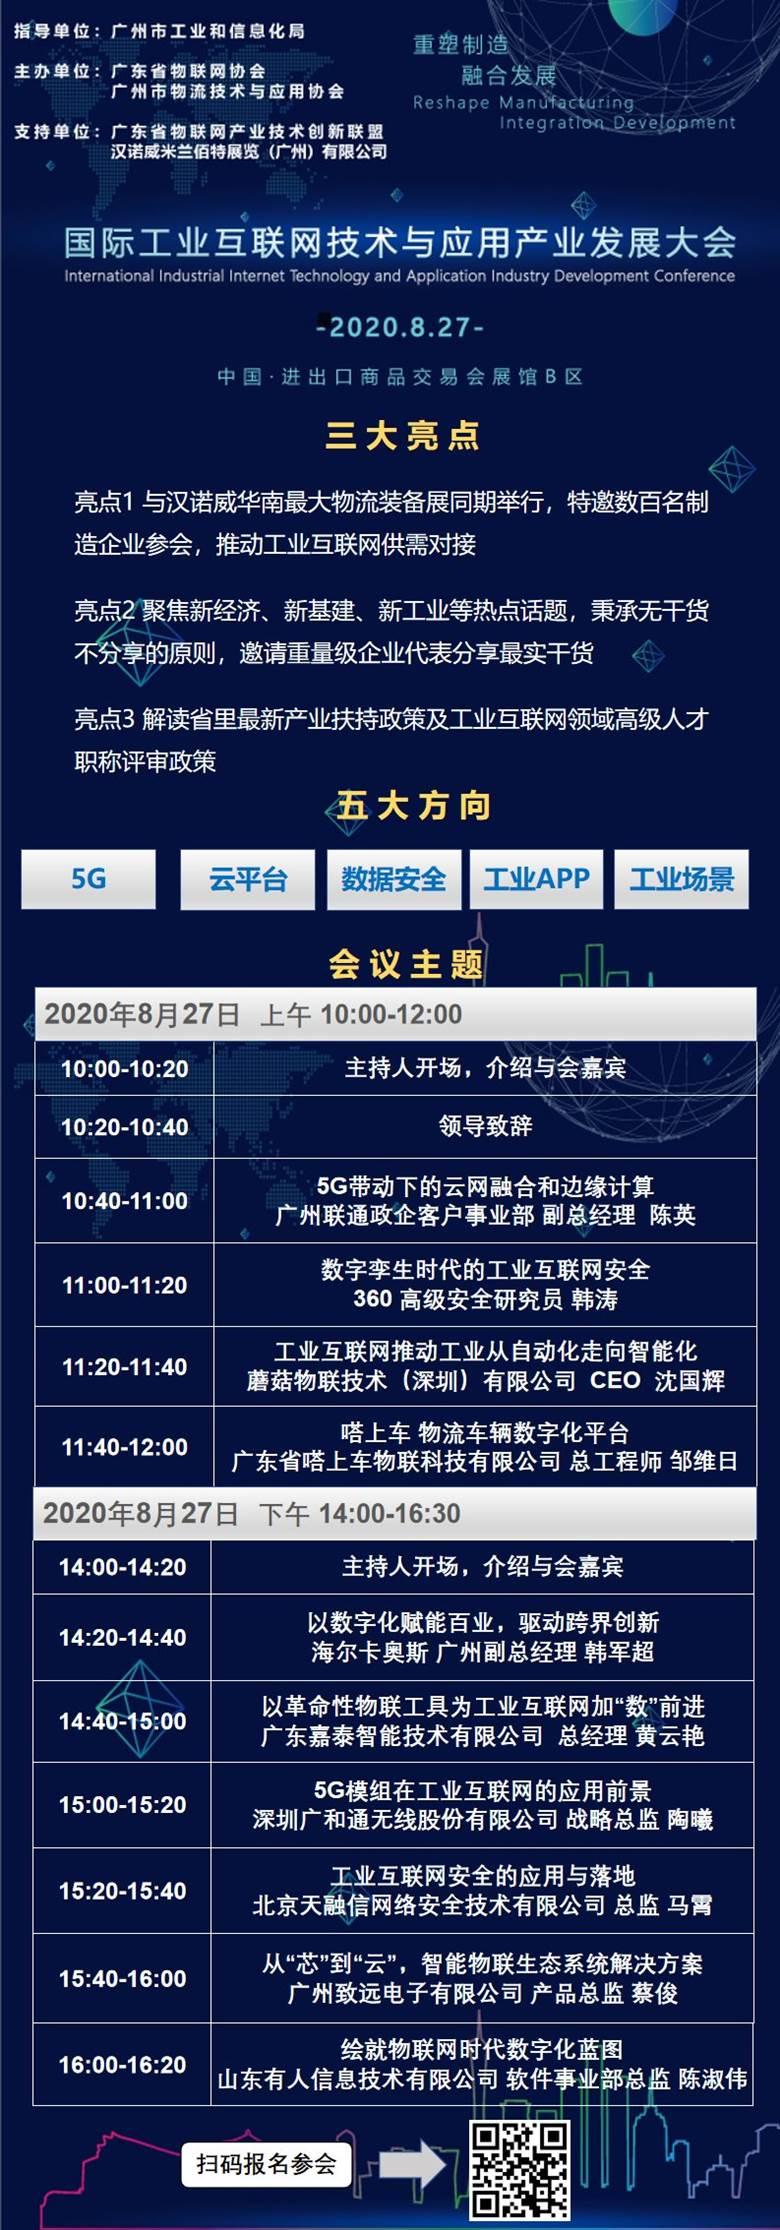 8.27大会议程.png